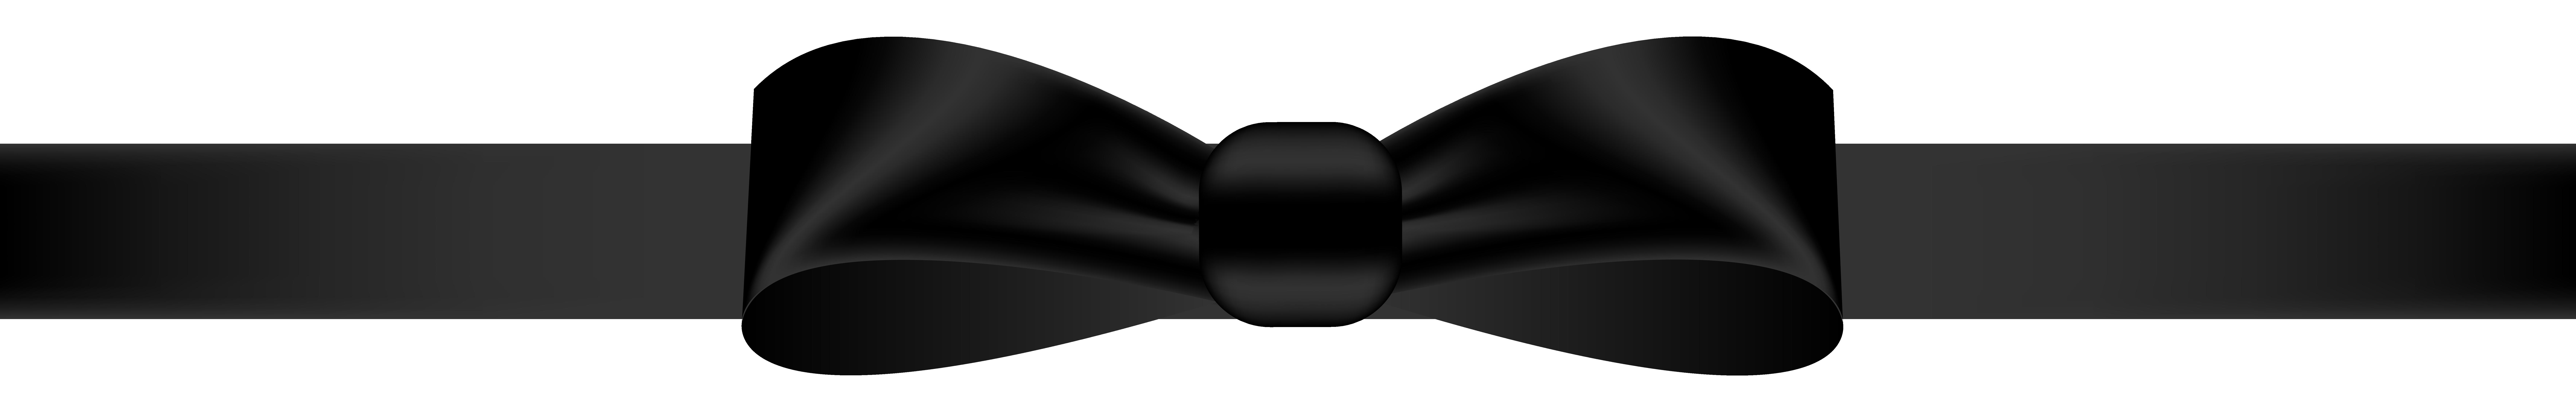 jpg freeuse download Black Bow Transparent PNG Clip Art Image